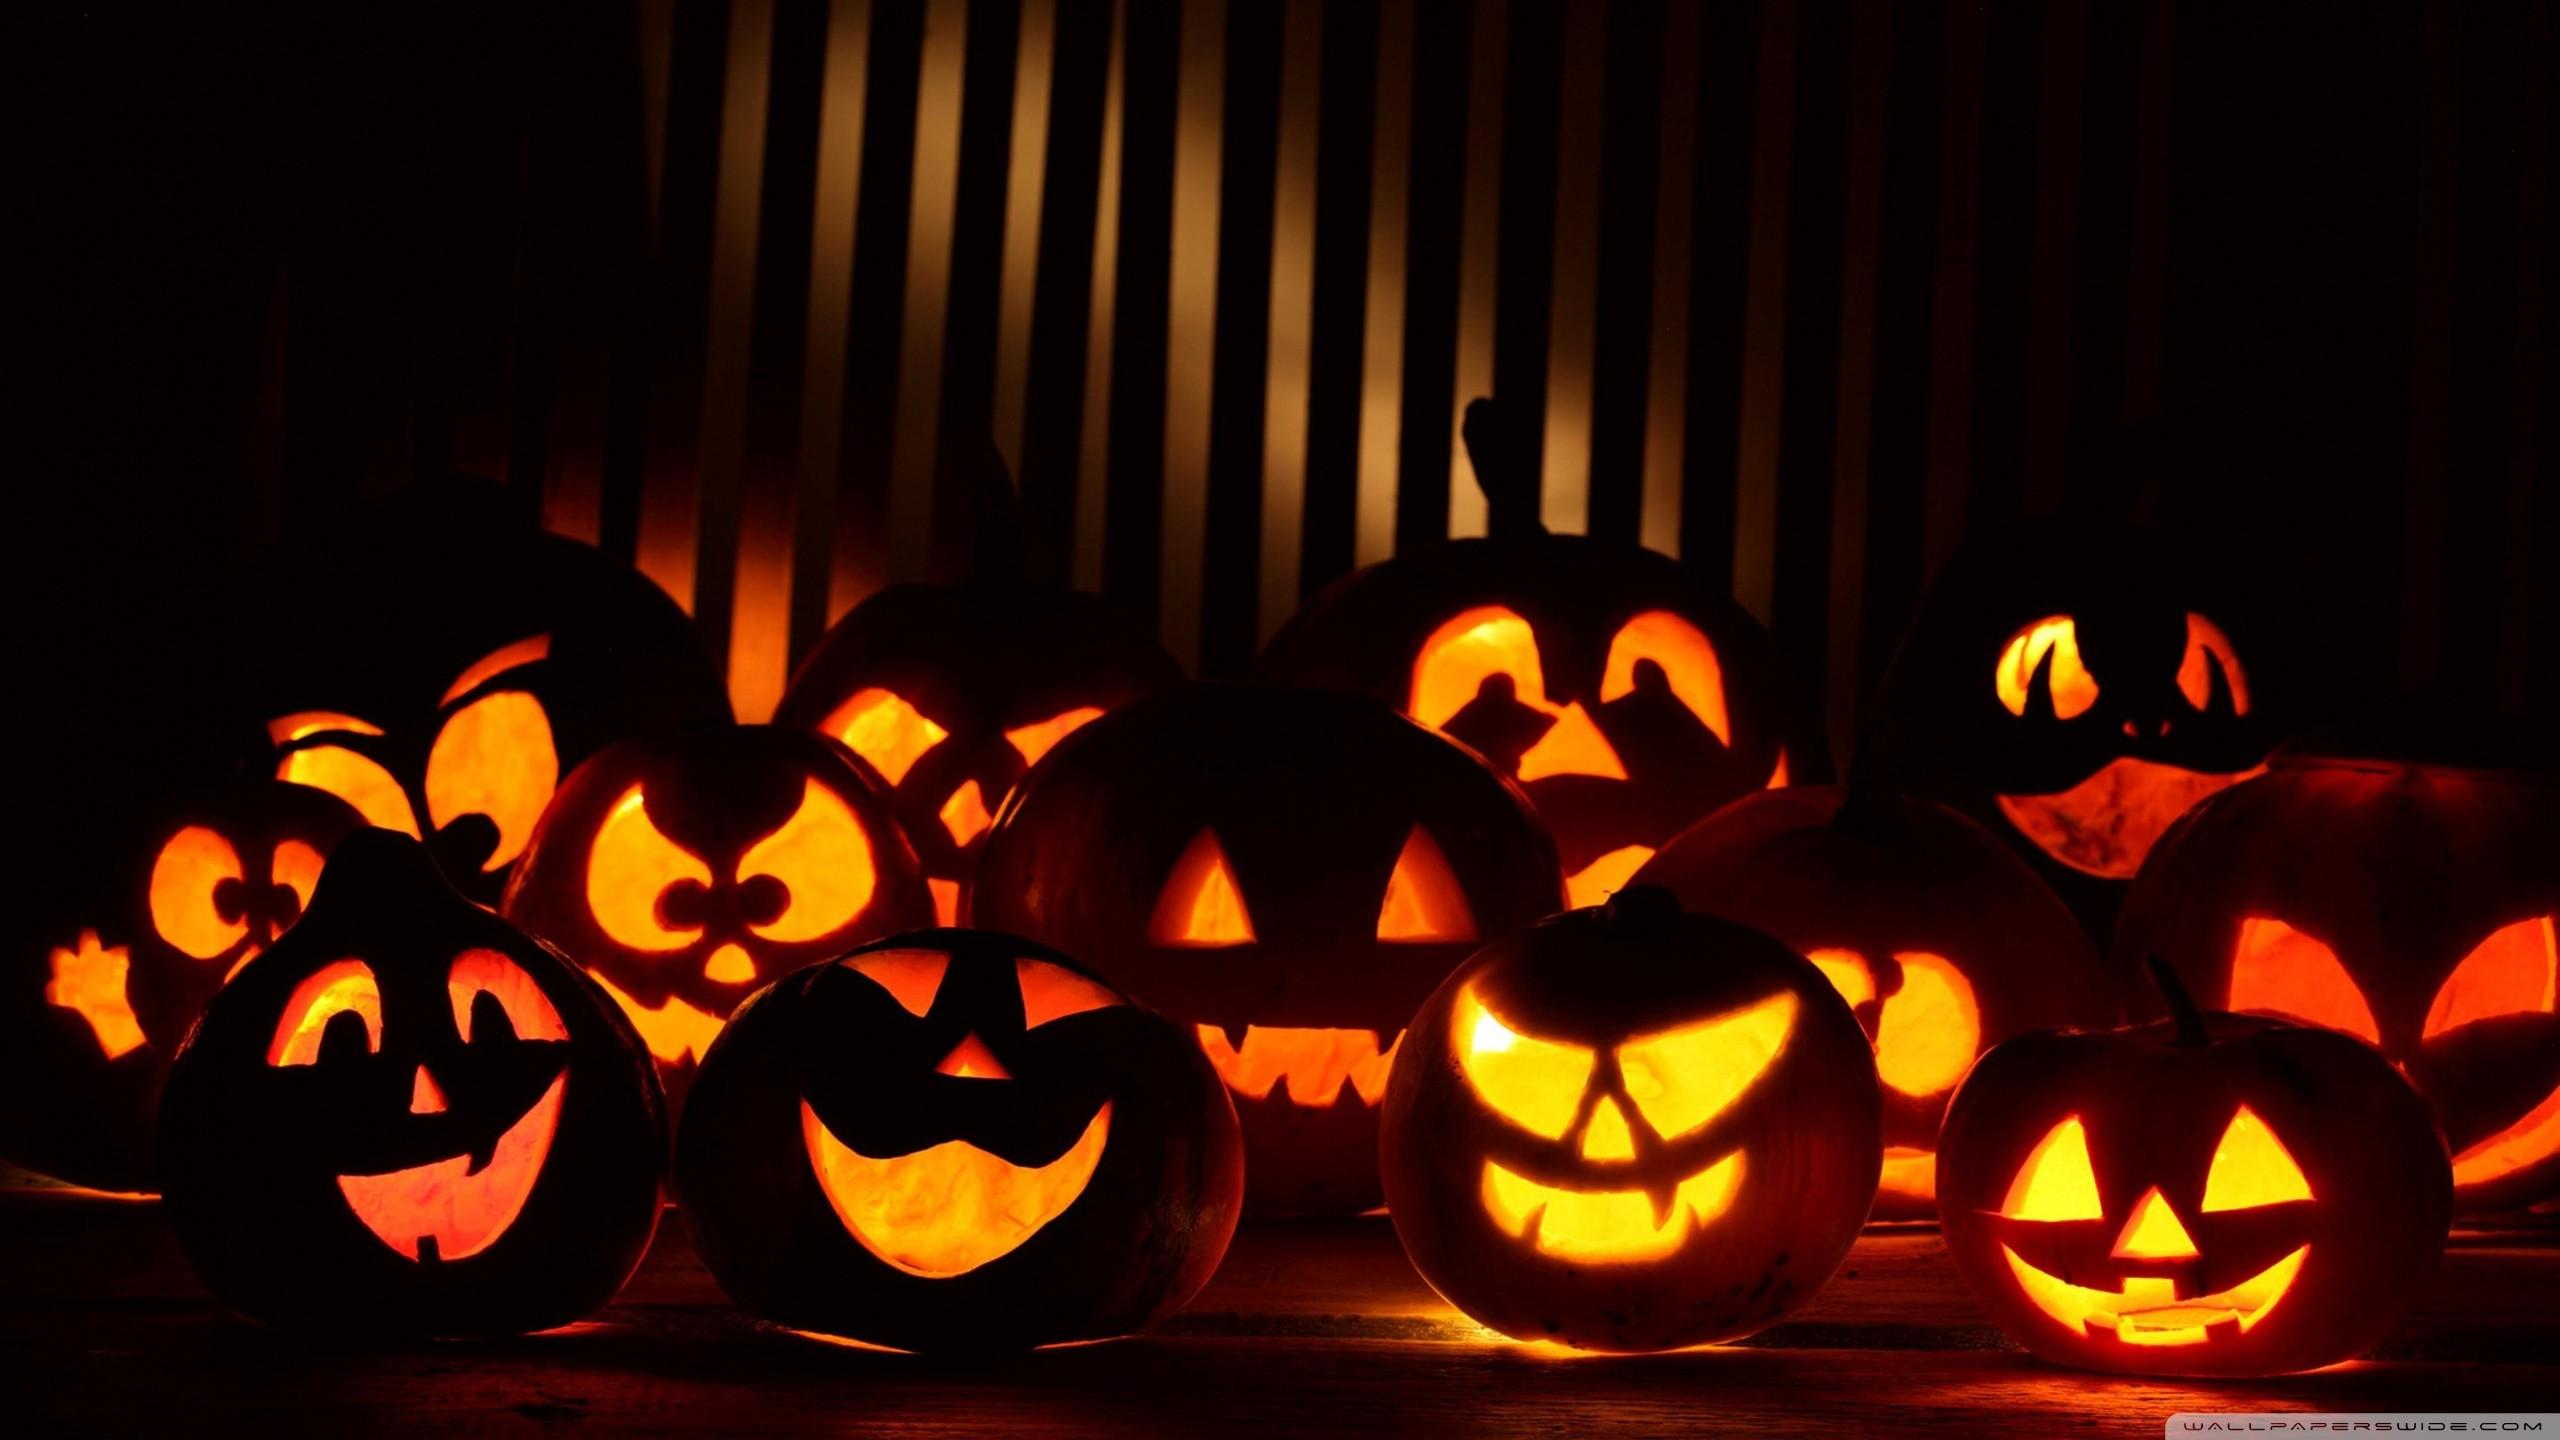 デスクトップ壁紙 ハロウィン かぼちゃ 休日 ジャック オー ランタン イベント 点灯 闇 2560x1440 Bochin1976 デスクトップ壁紙 Wallhere